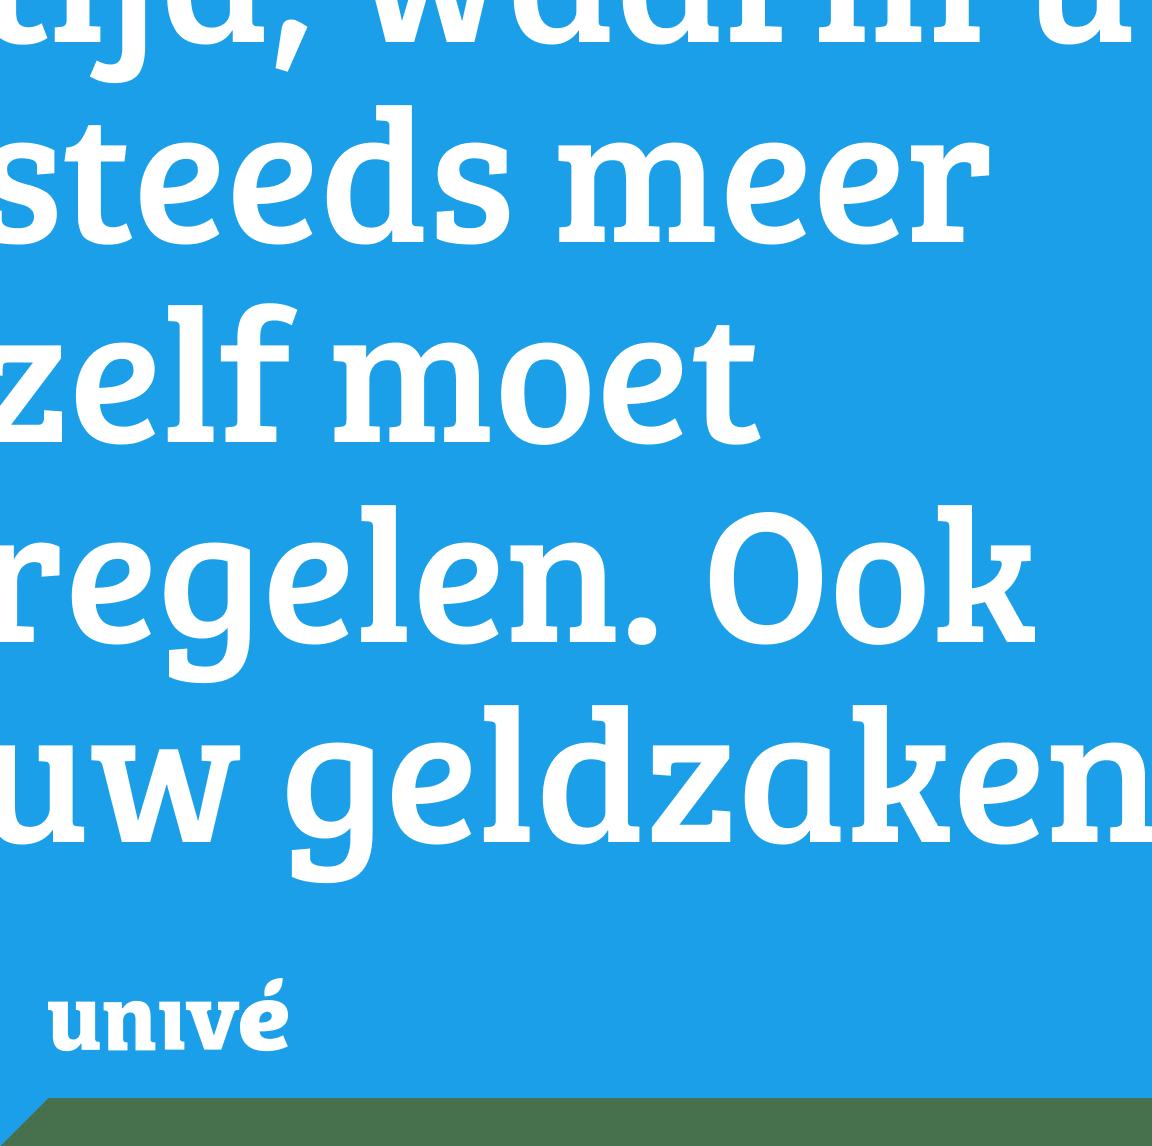 unive-1